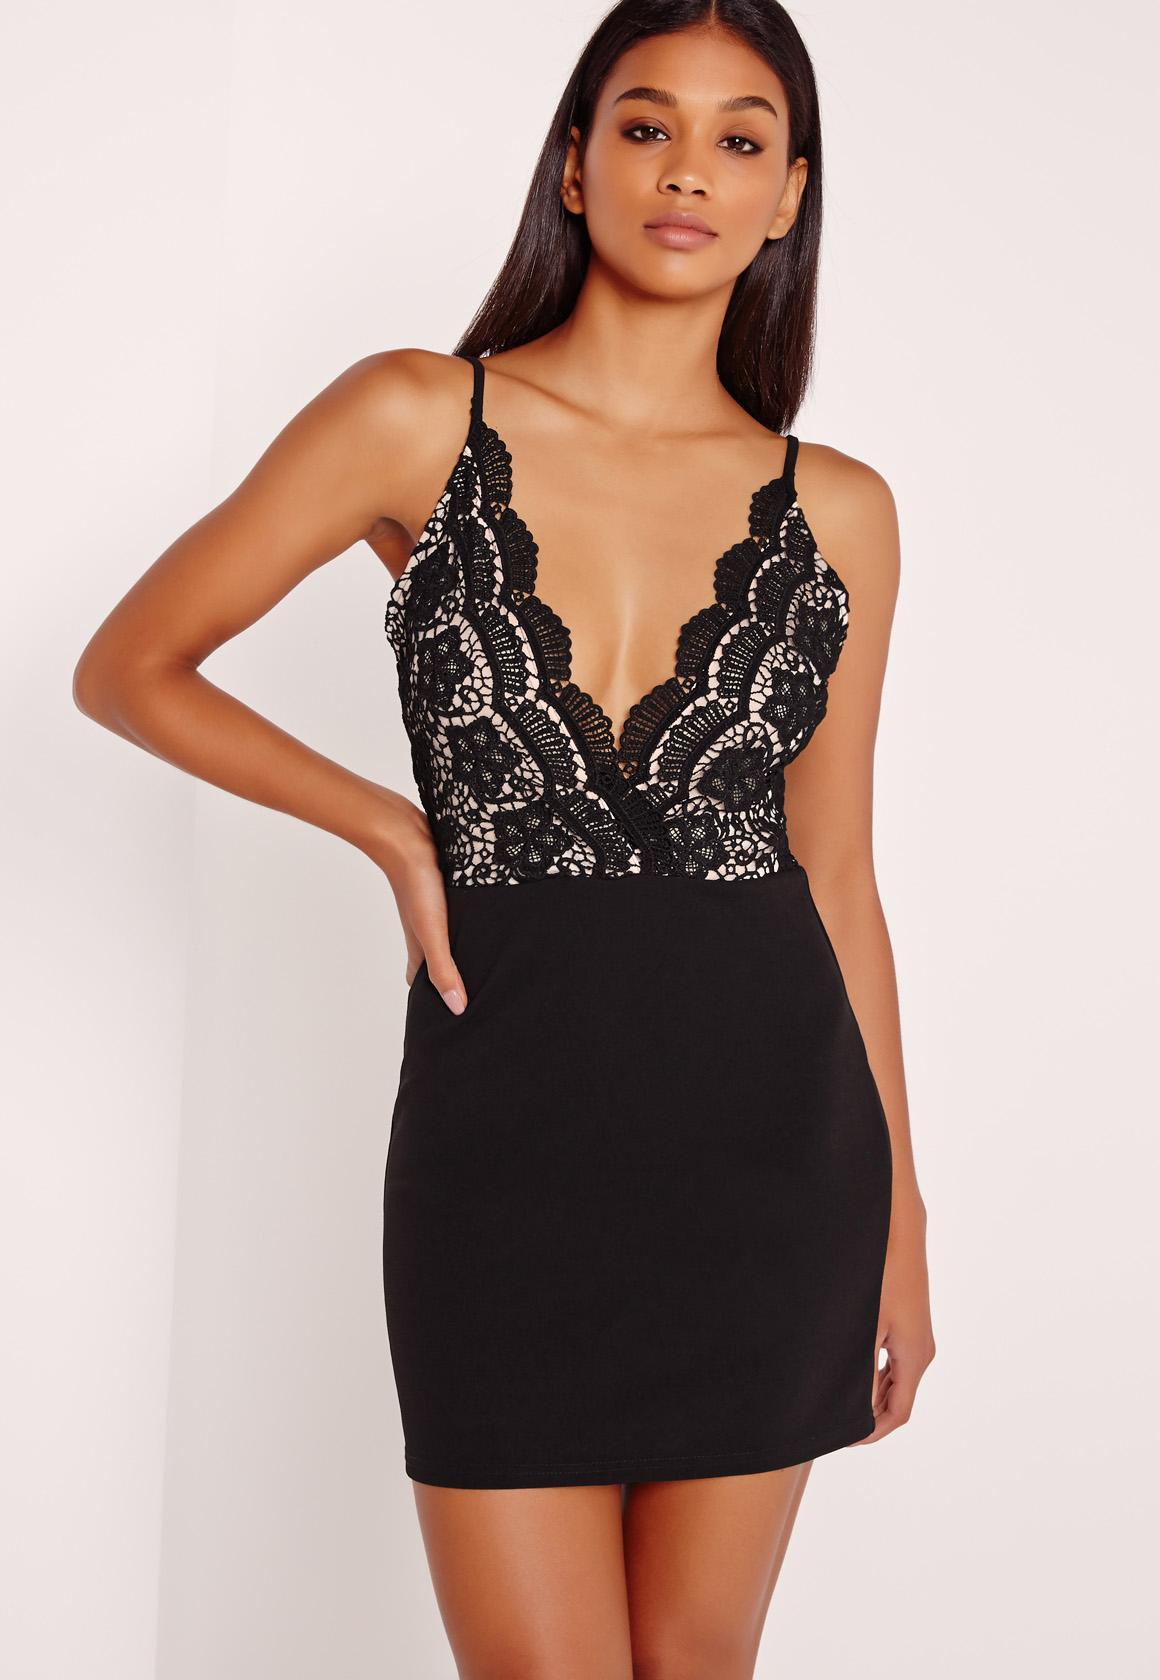 0a15fa6c5a Strappy Lace Top Contrast Bodycon Dress Black